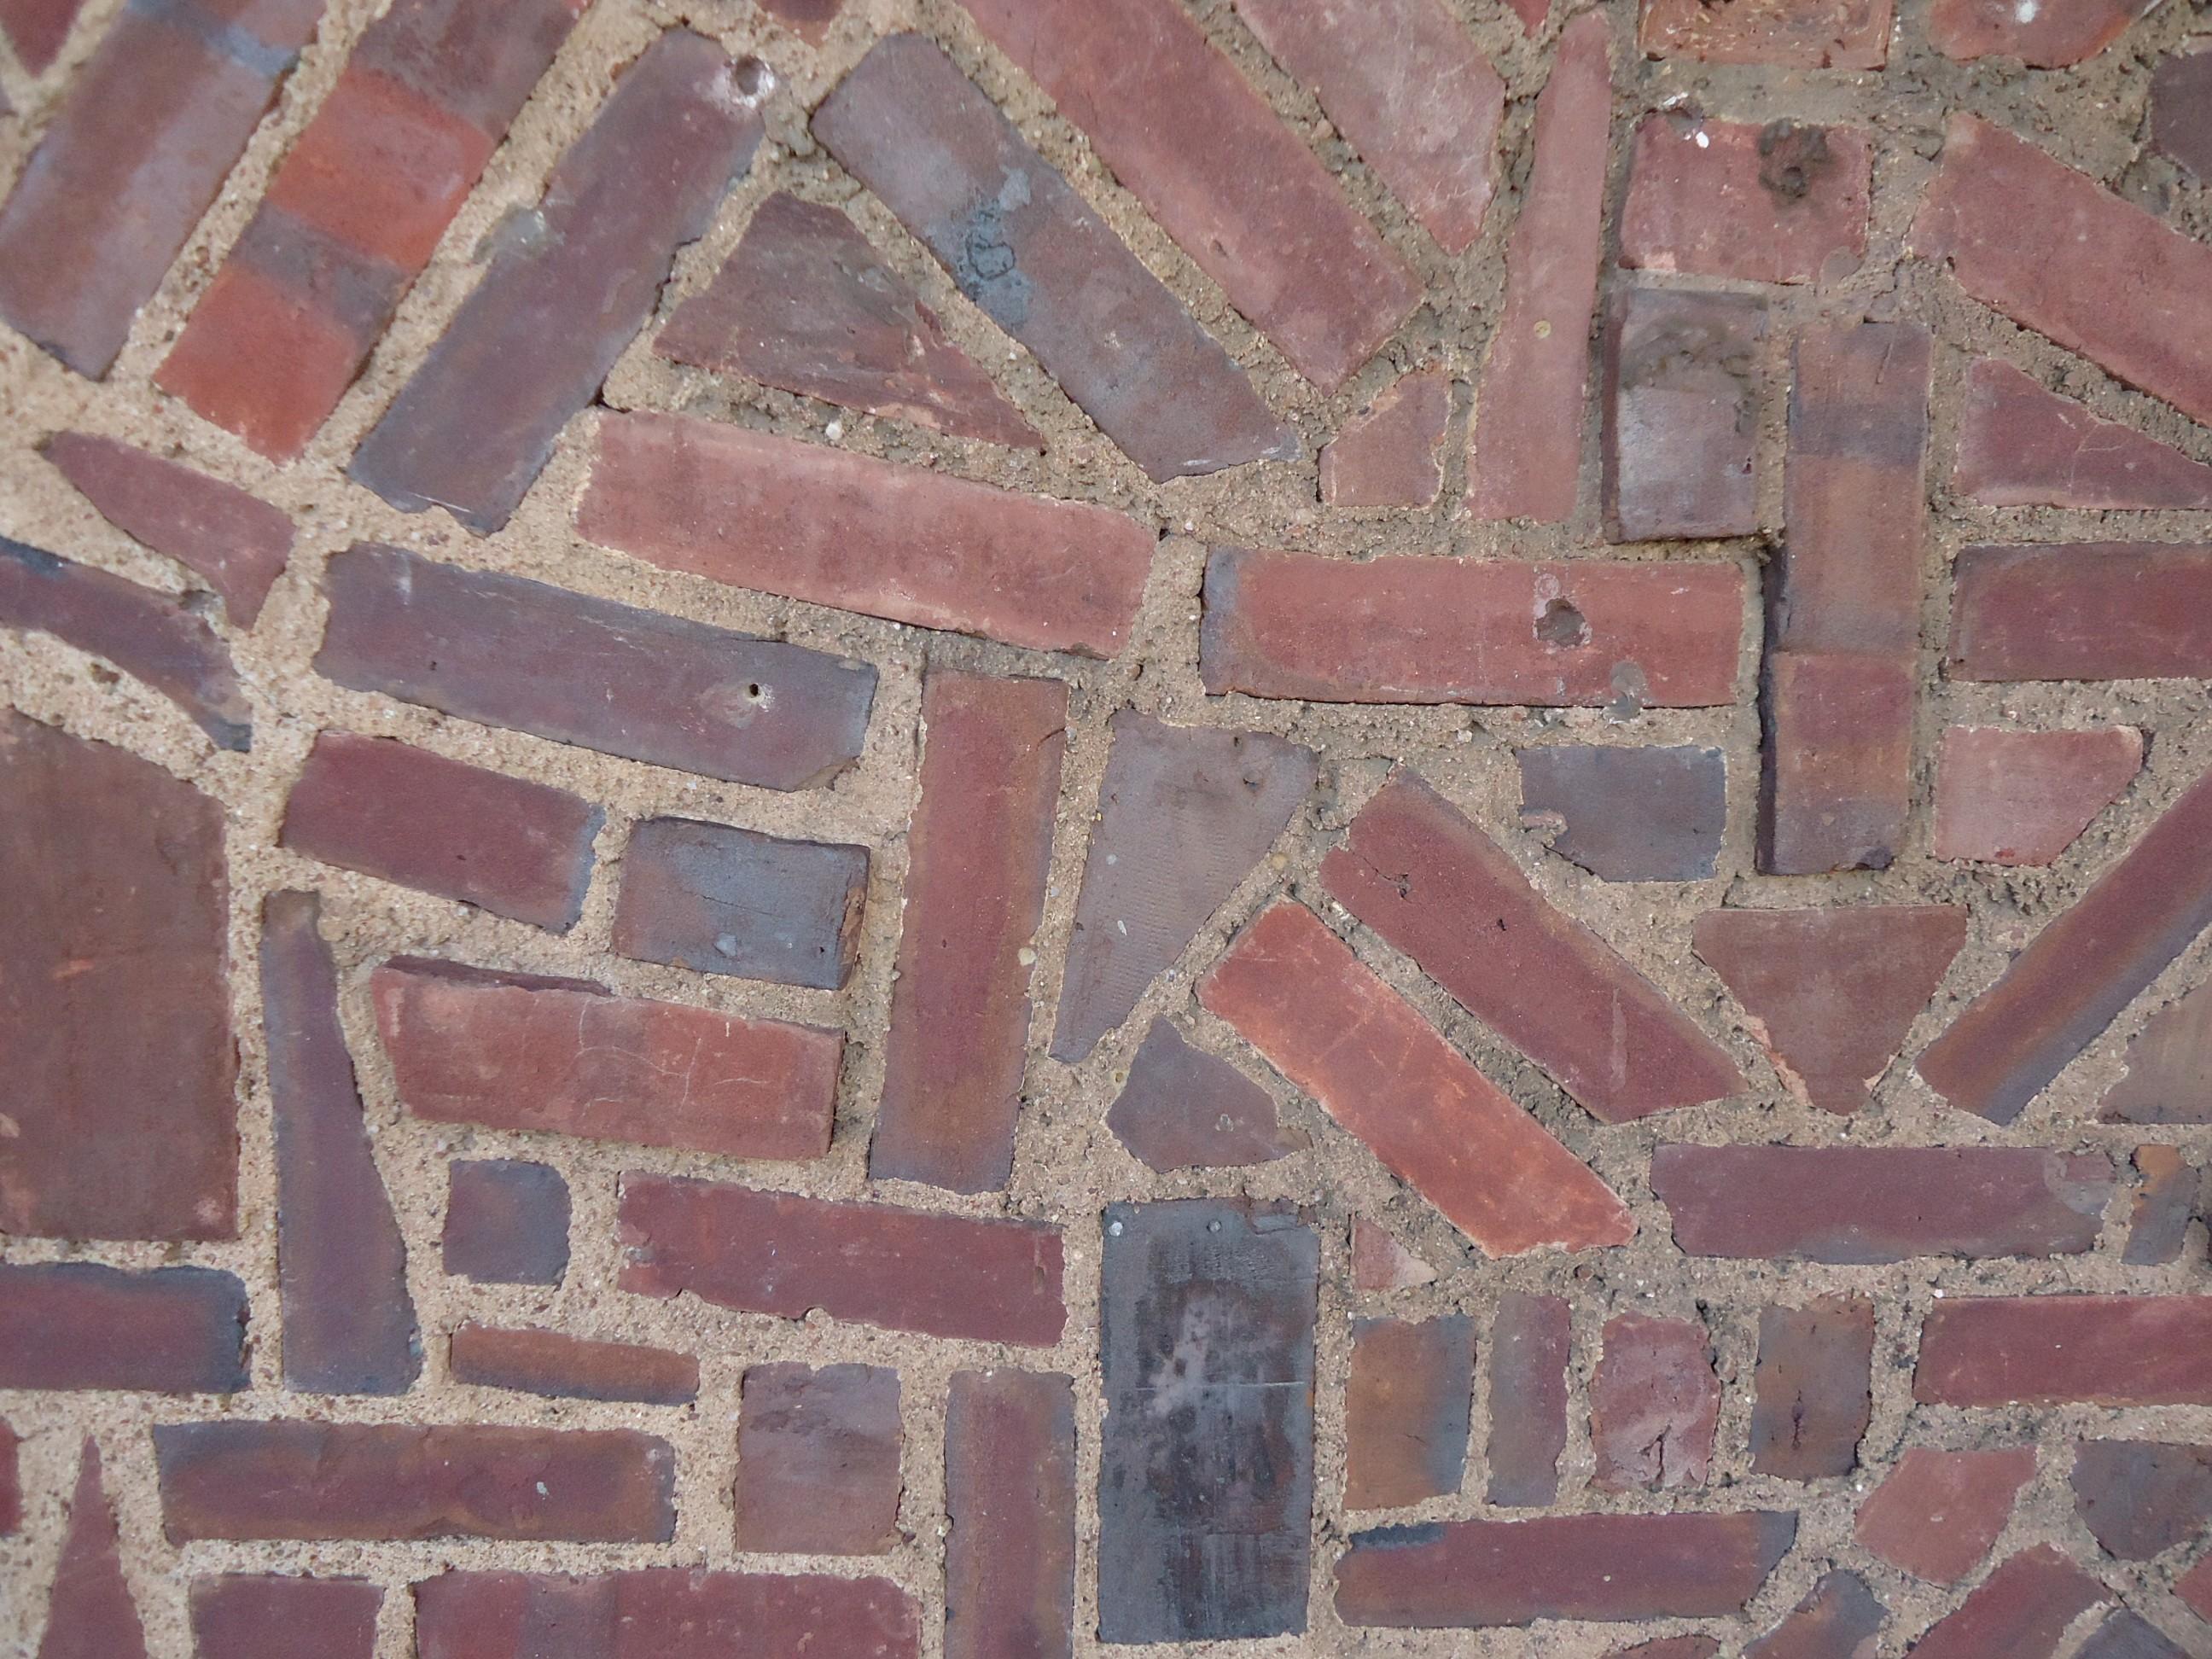 Brick wall patterns patterns kid - Brick wall patterns designs ...